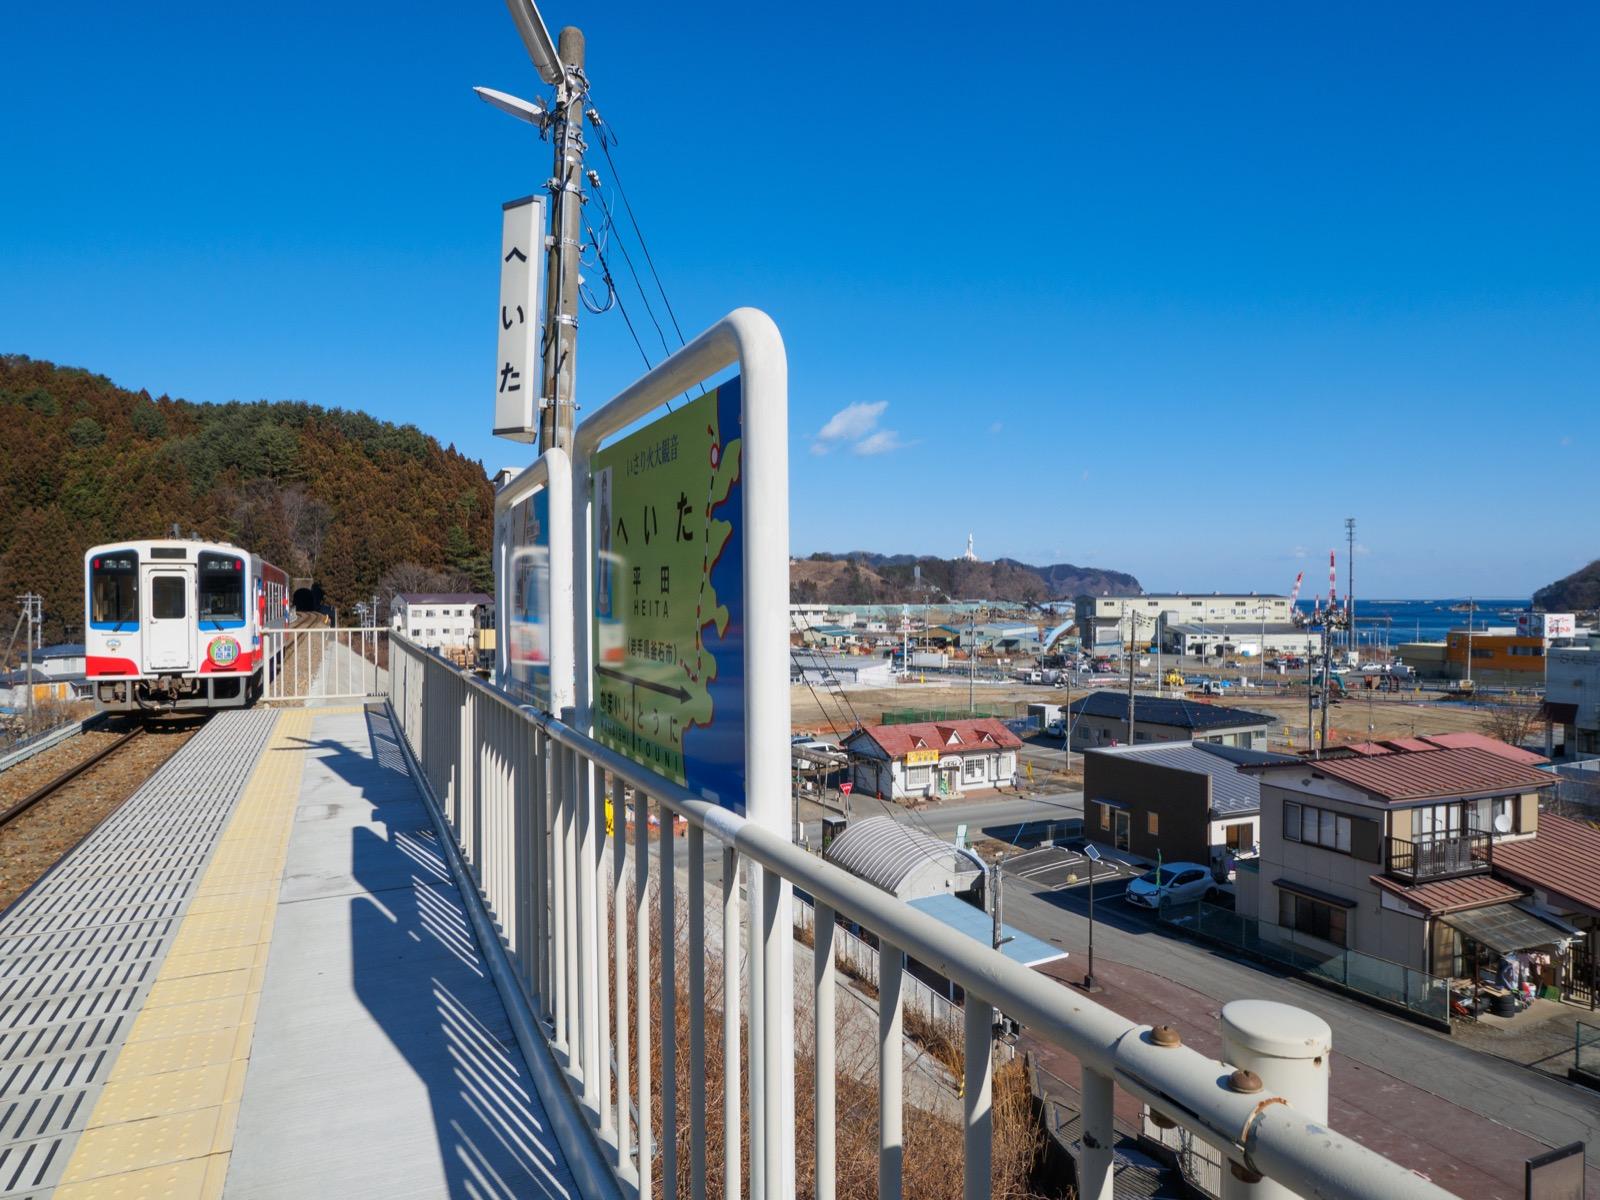 平田駅のホームと釜石湾